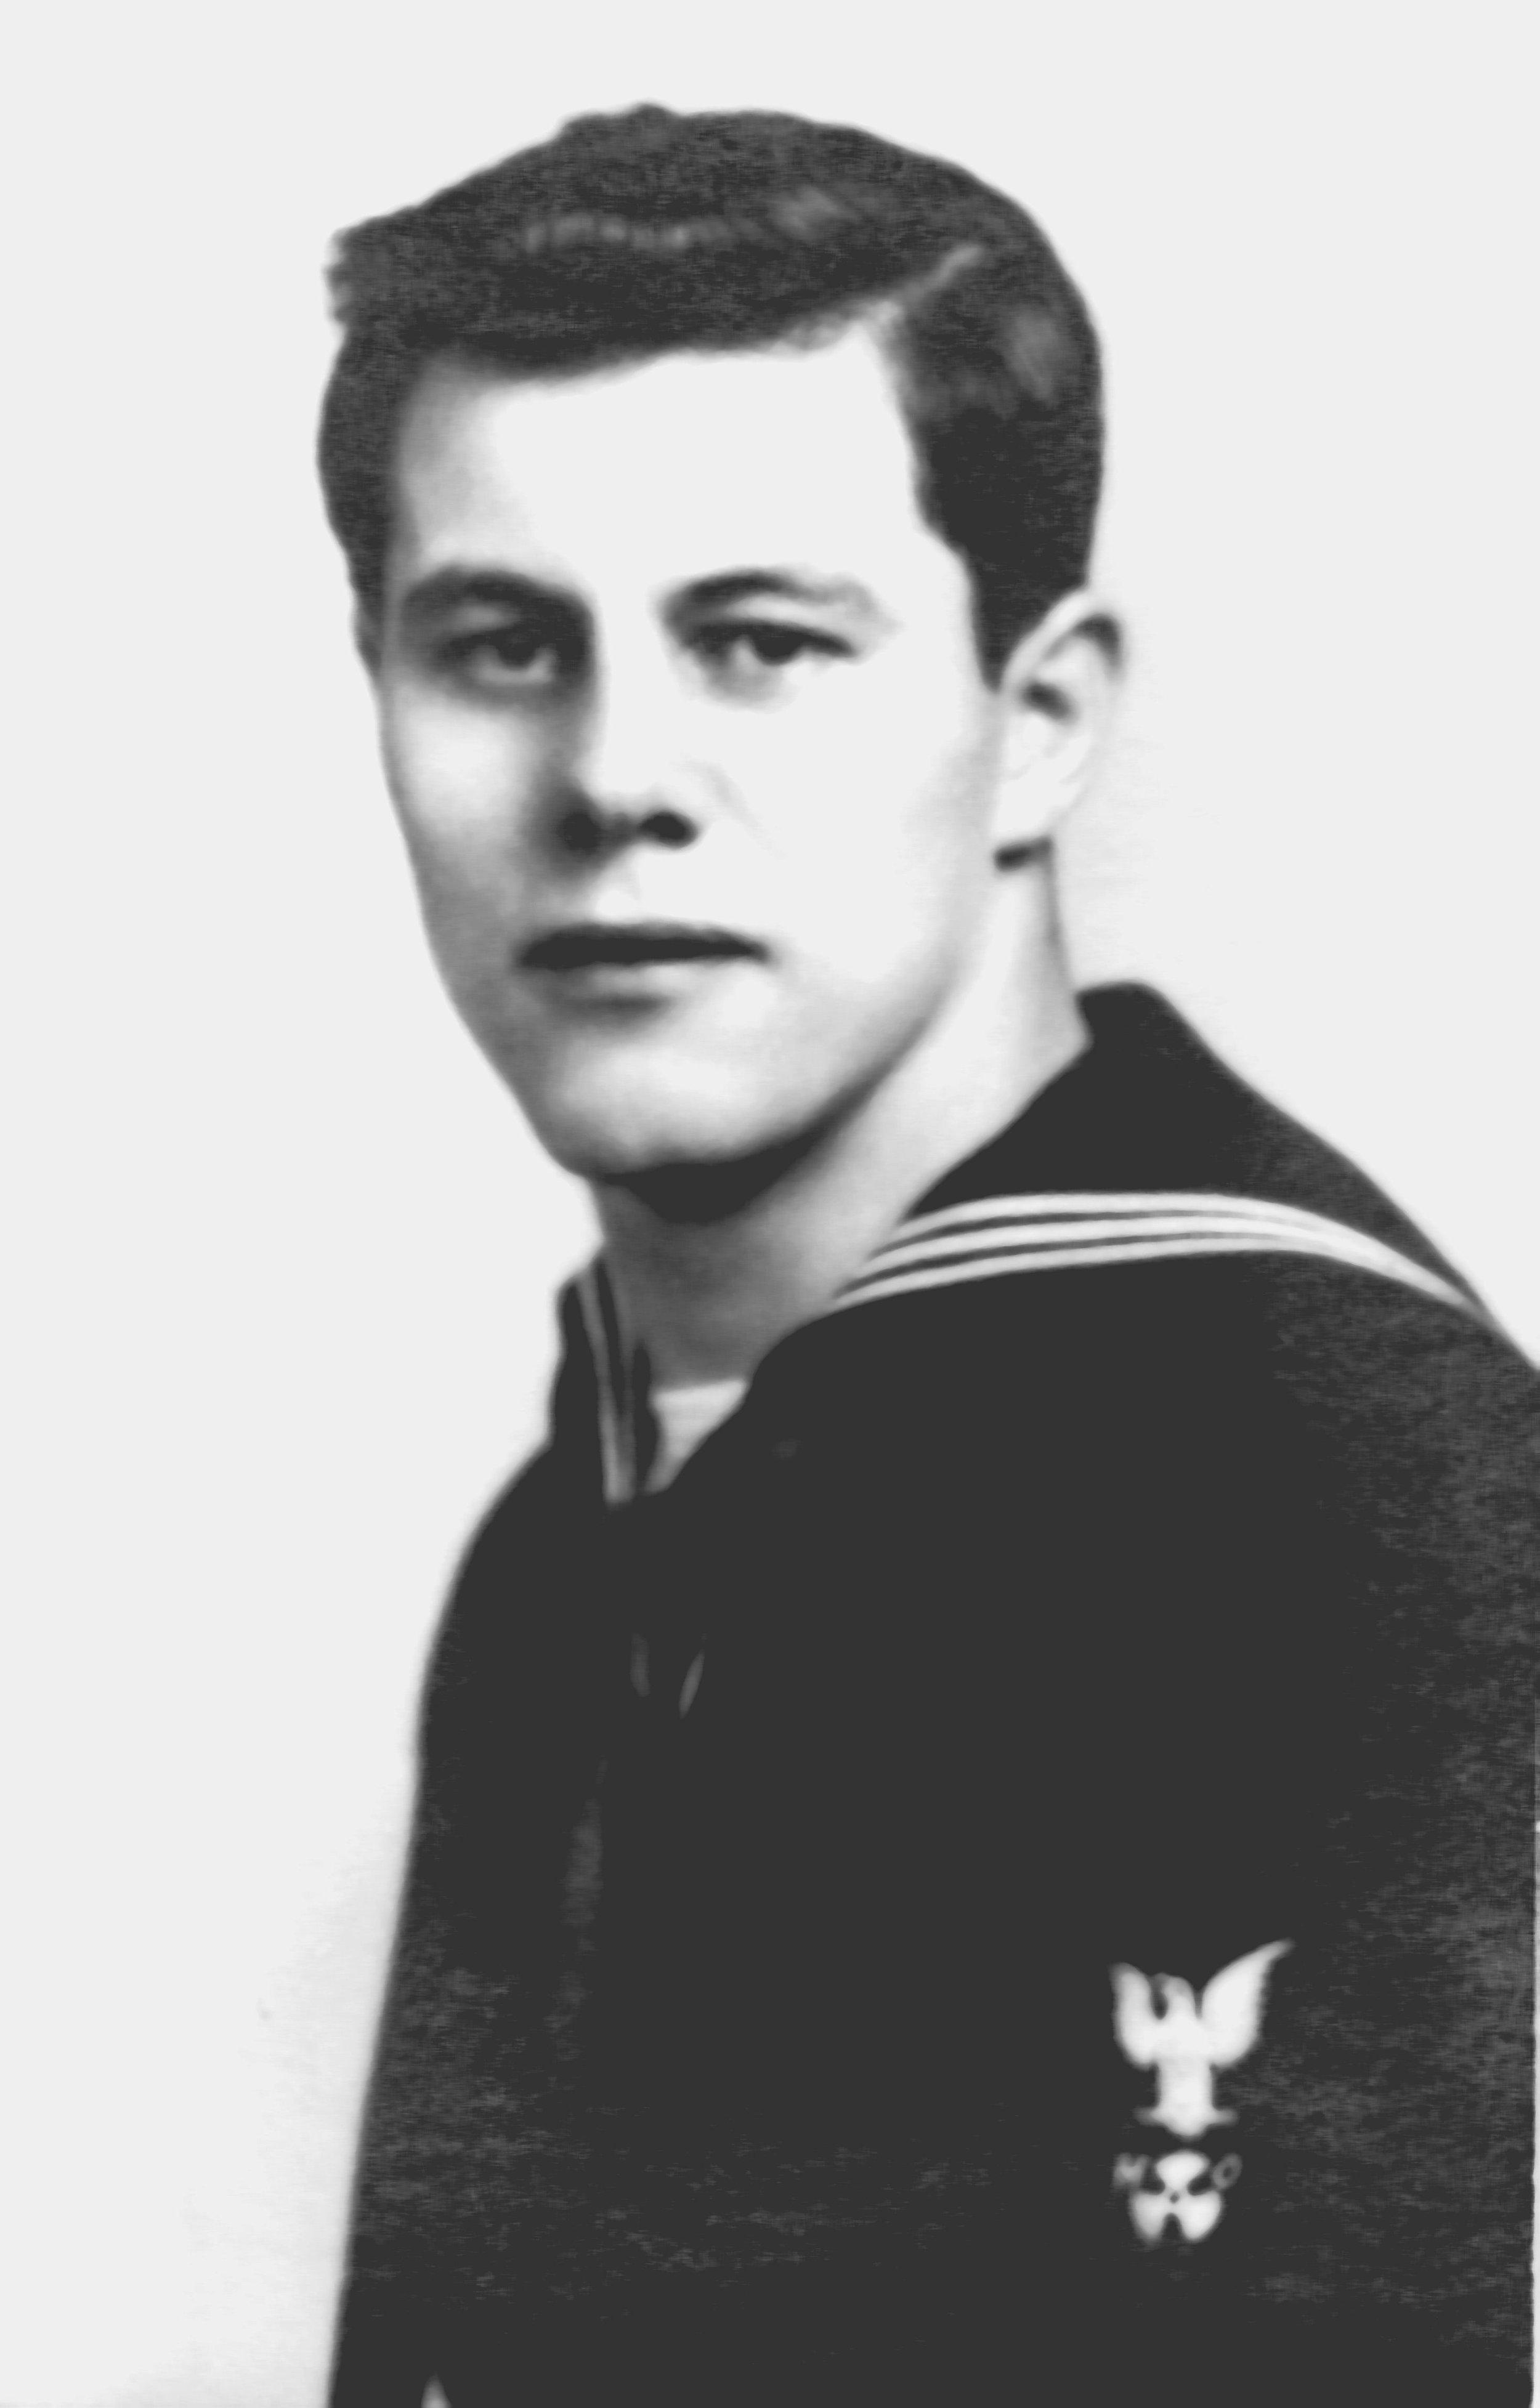 Harold Reed